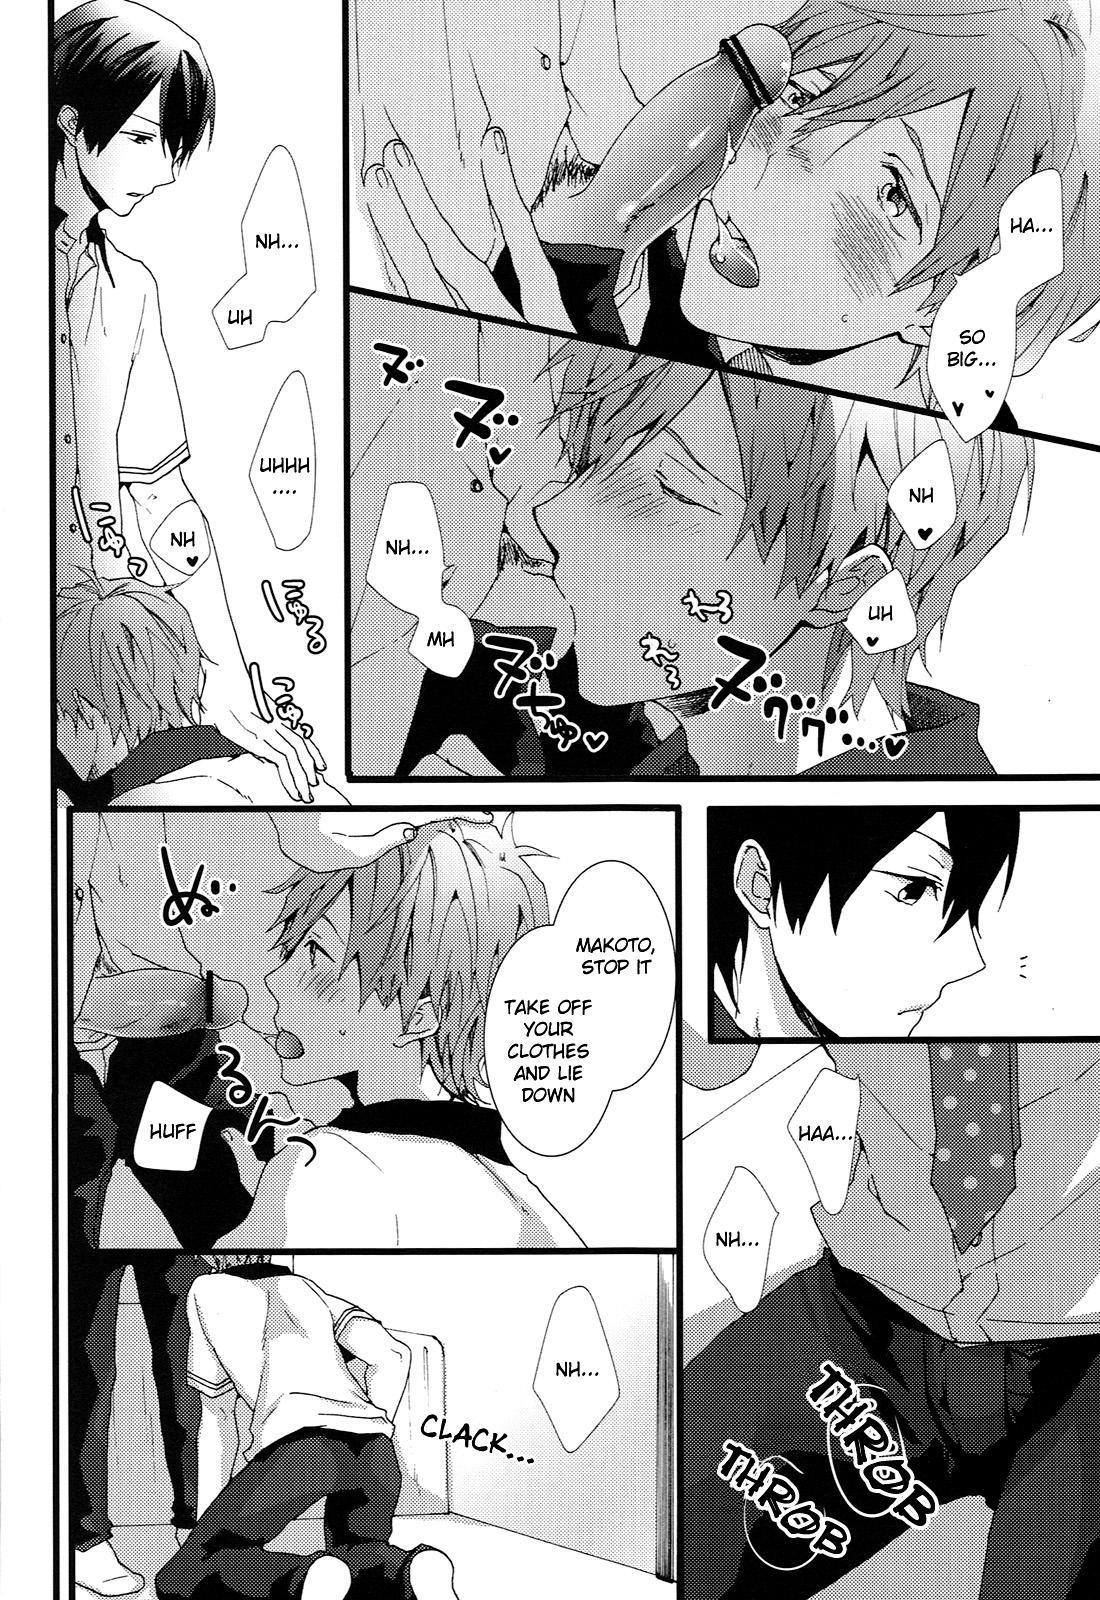 (Renai Jiyuugata! entry2) [BALL:S (Som)] Okuchi ga Warui yo Haruka-kun! | You Have a Bad Mouth, Haruka-kun! (Free!) [English] [Holy Mackerel] 12